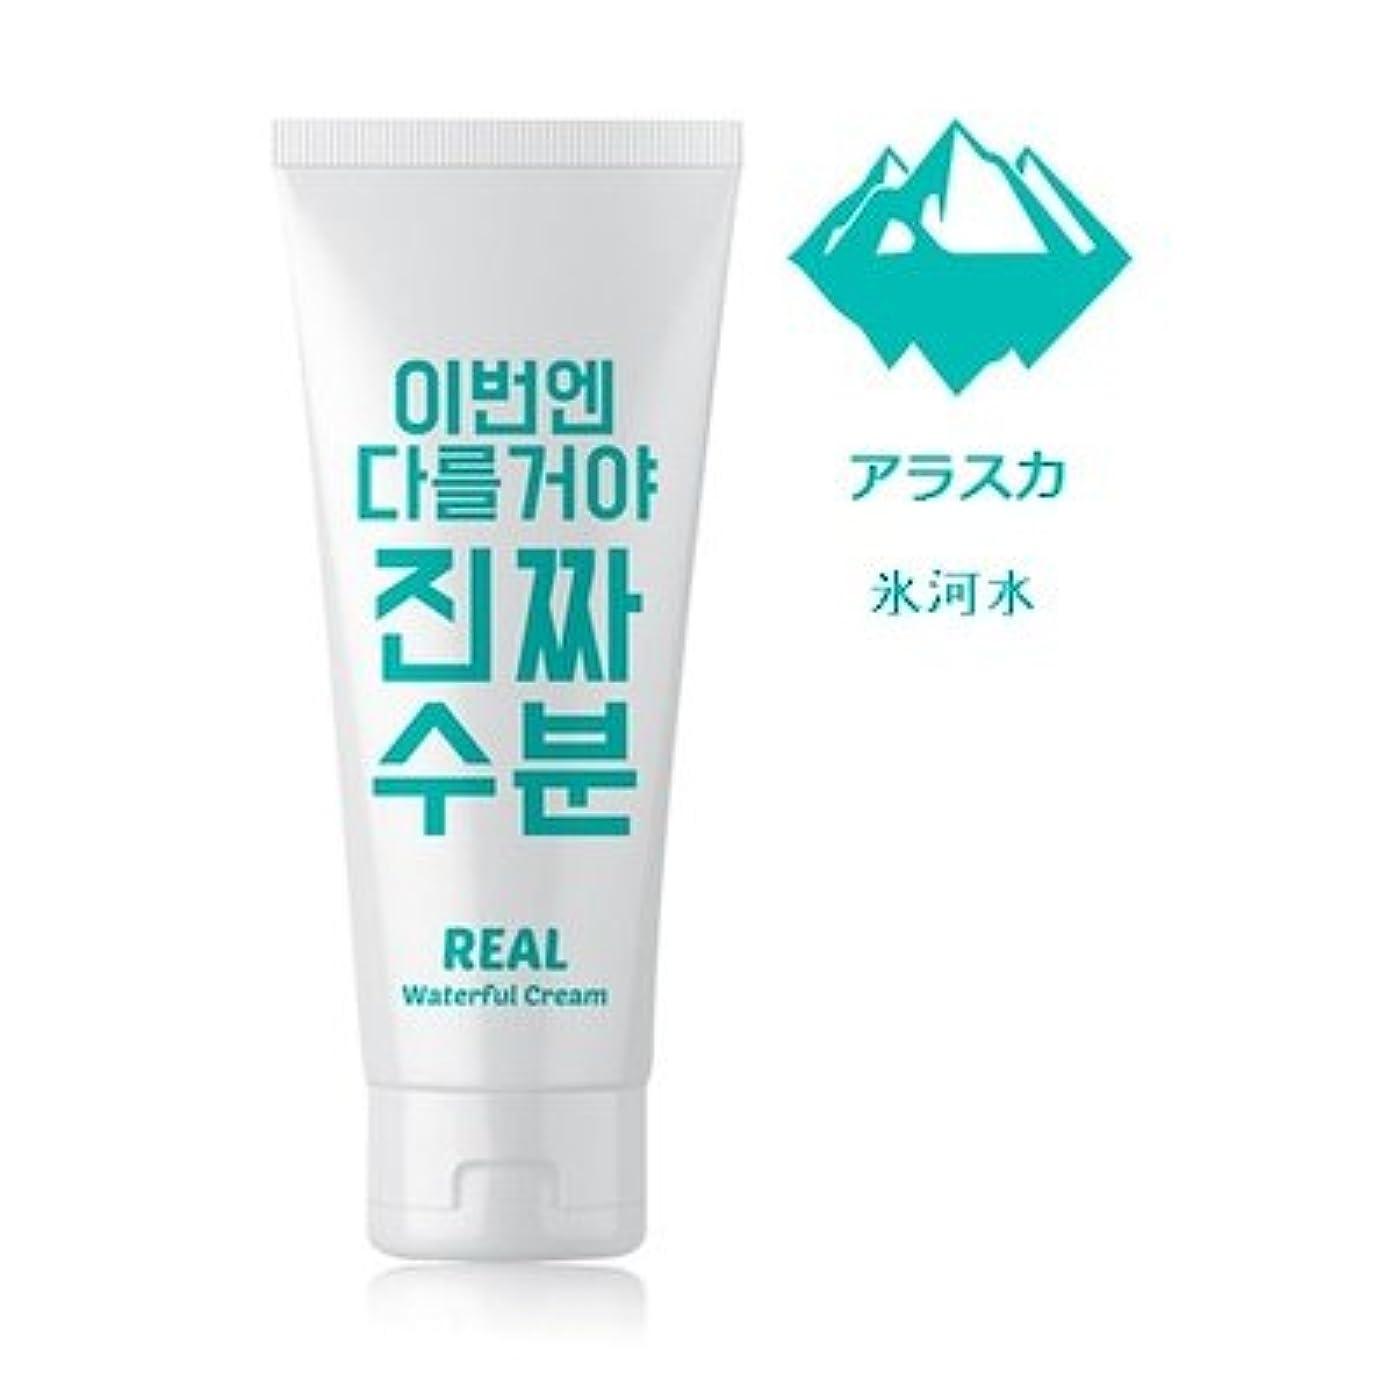 正気取る南Jaminkyung Real Waterful Cream/孜民耕 [ジャミンギョン] 今度は違うぞ本当の水分クリーム 200ml [並行輸入品]